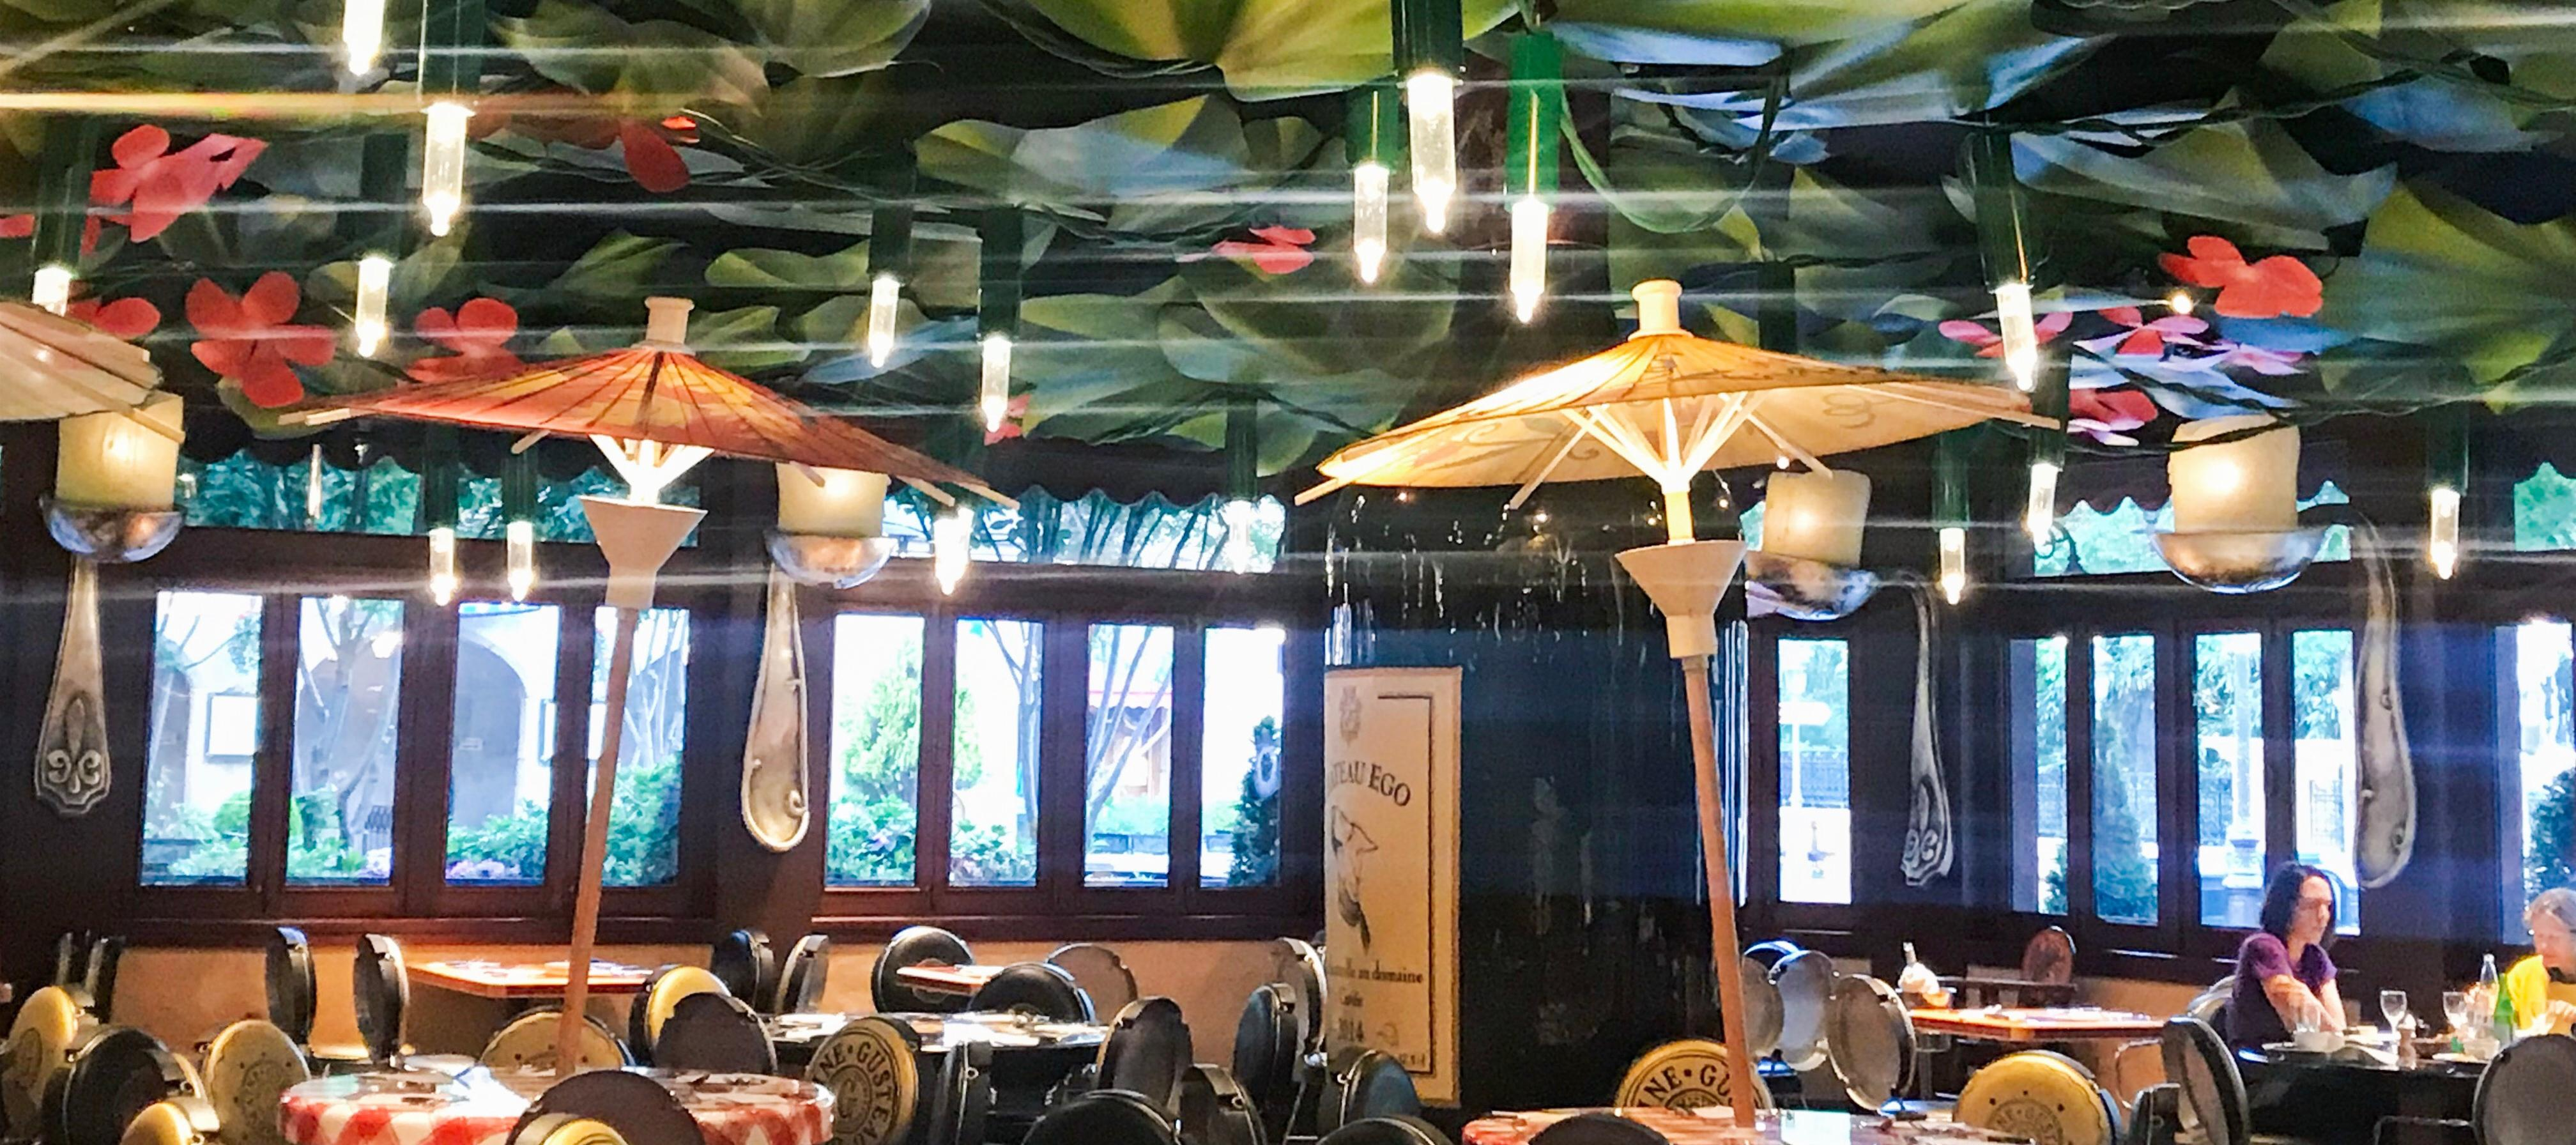 Bistro Chez Remy in Disneyland Paris